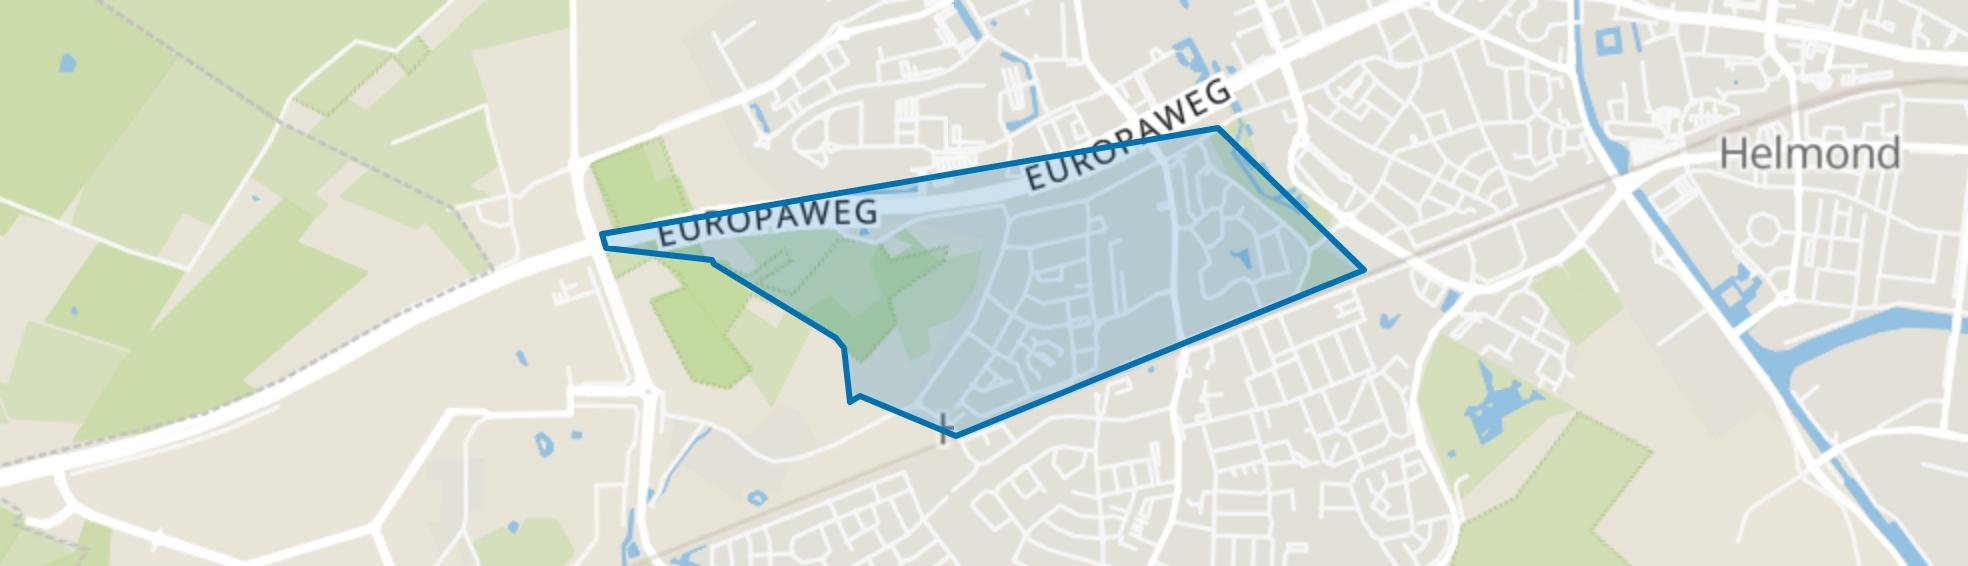 Kroon, Helmond map